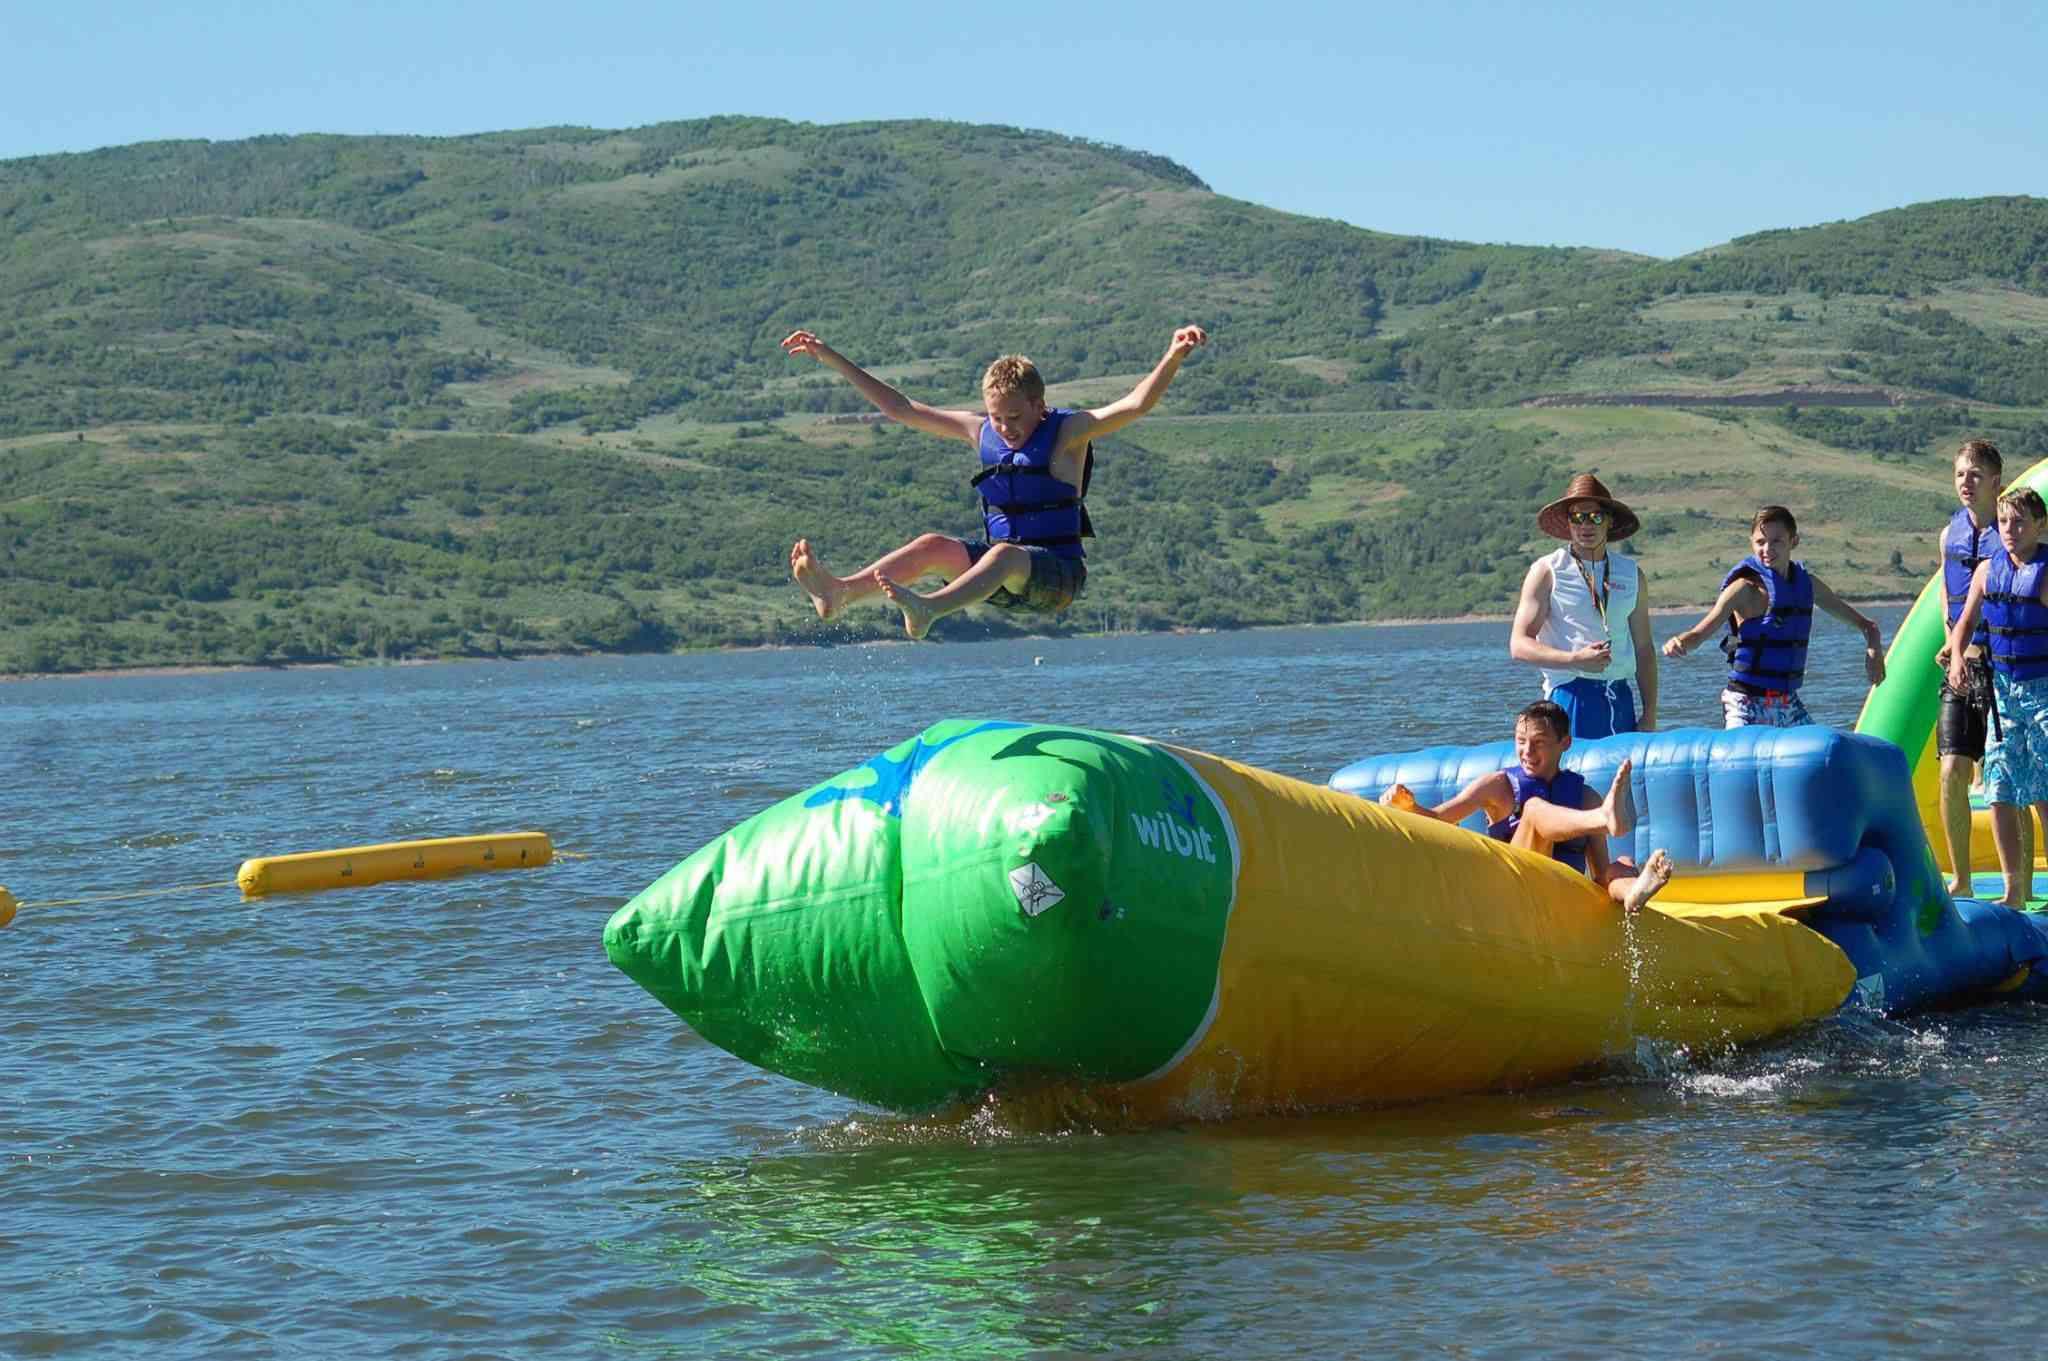 AquaXZone water park in Utah